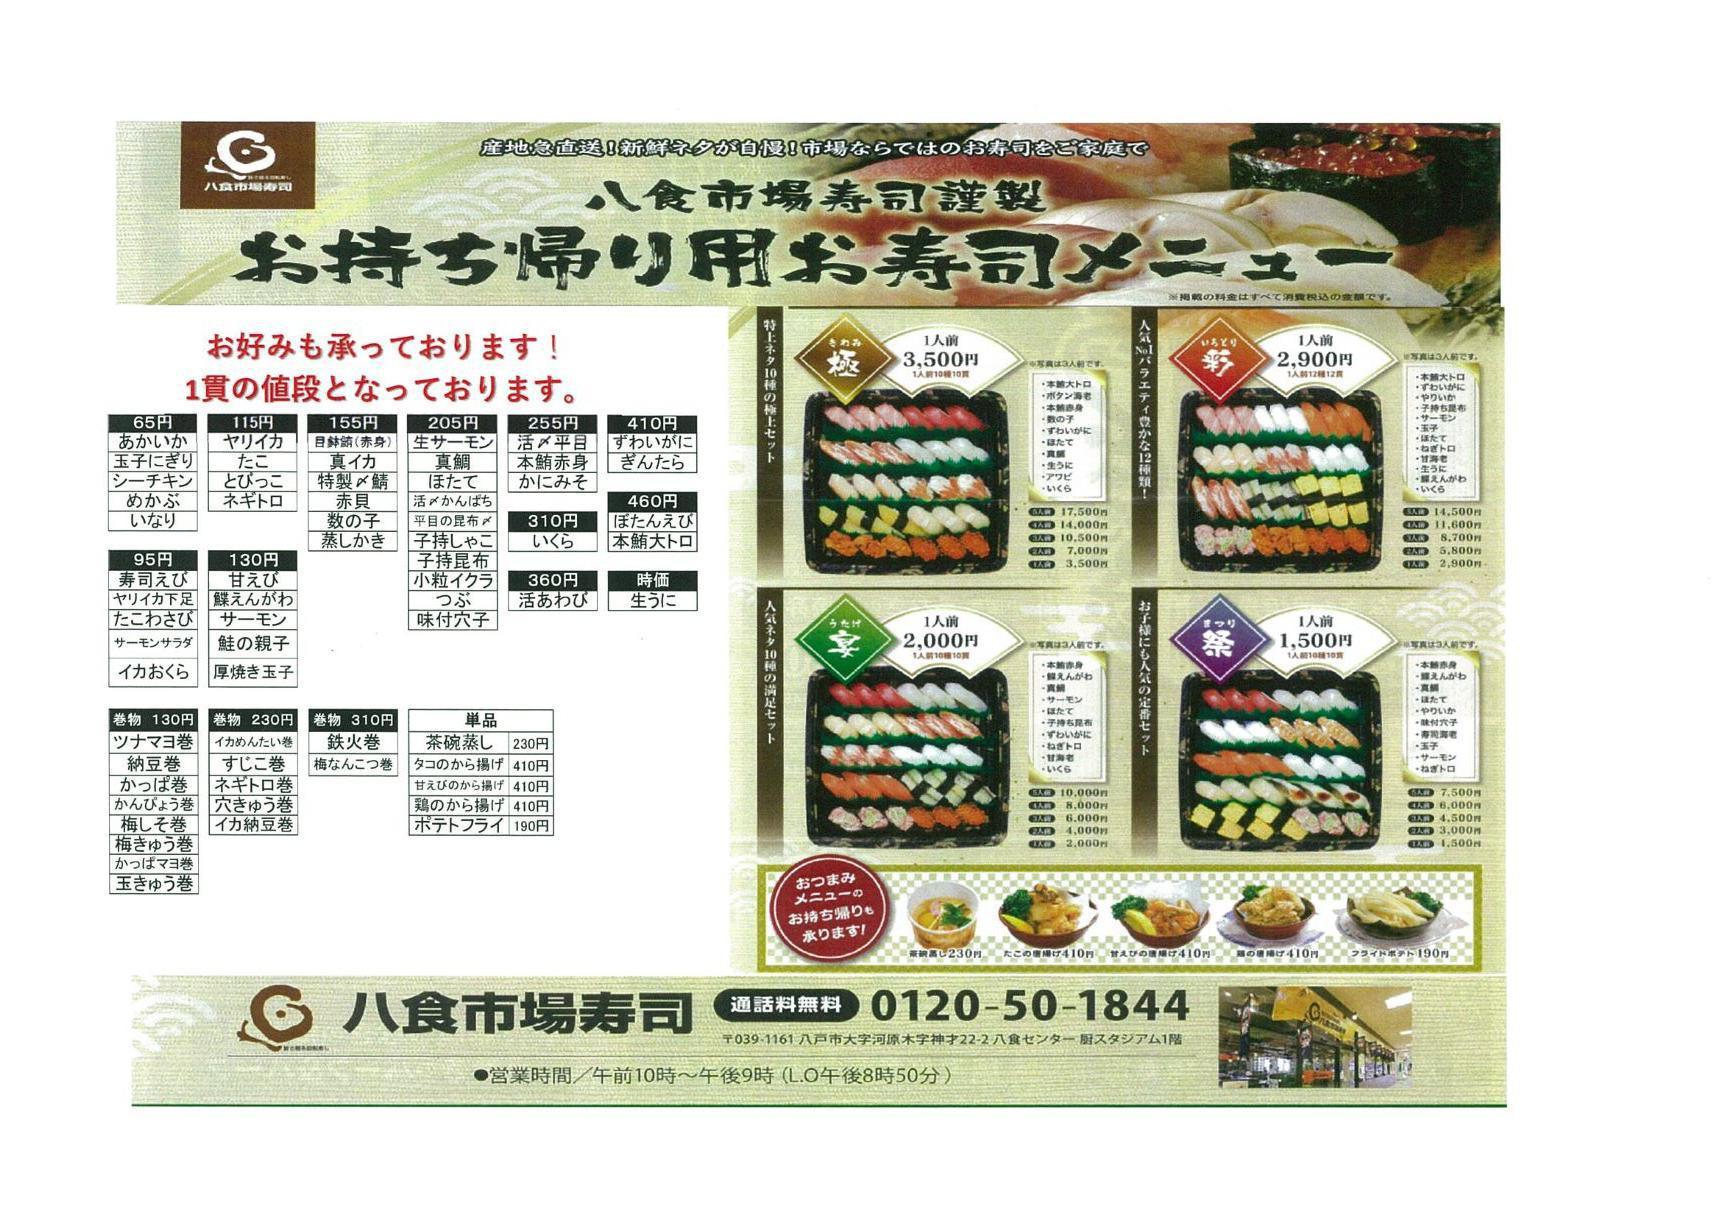 市場寿司自慢のお寿司をテイクアウトで!